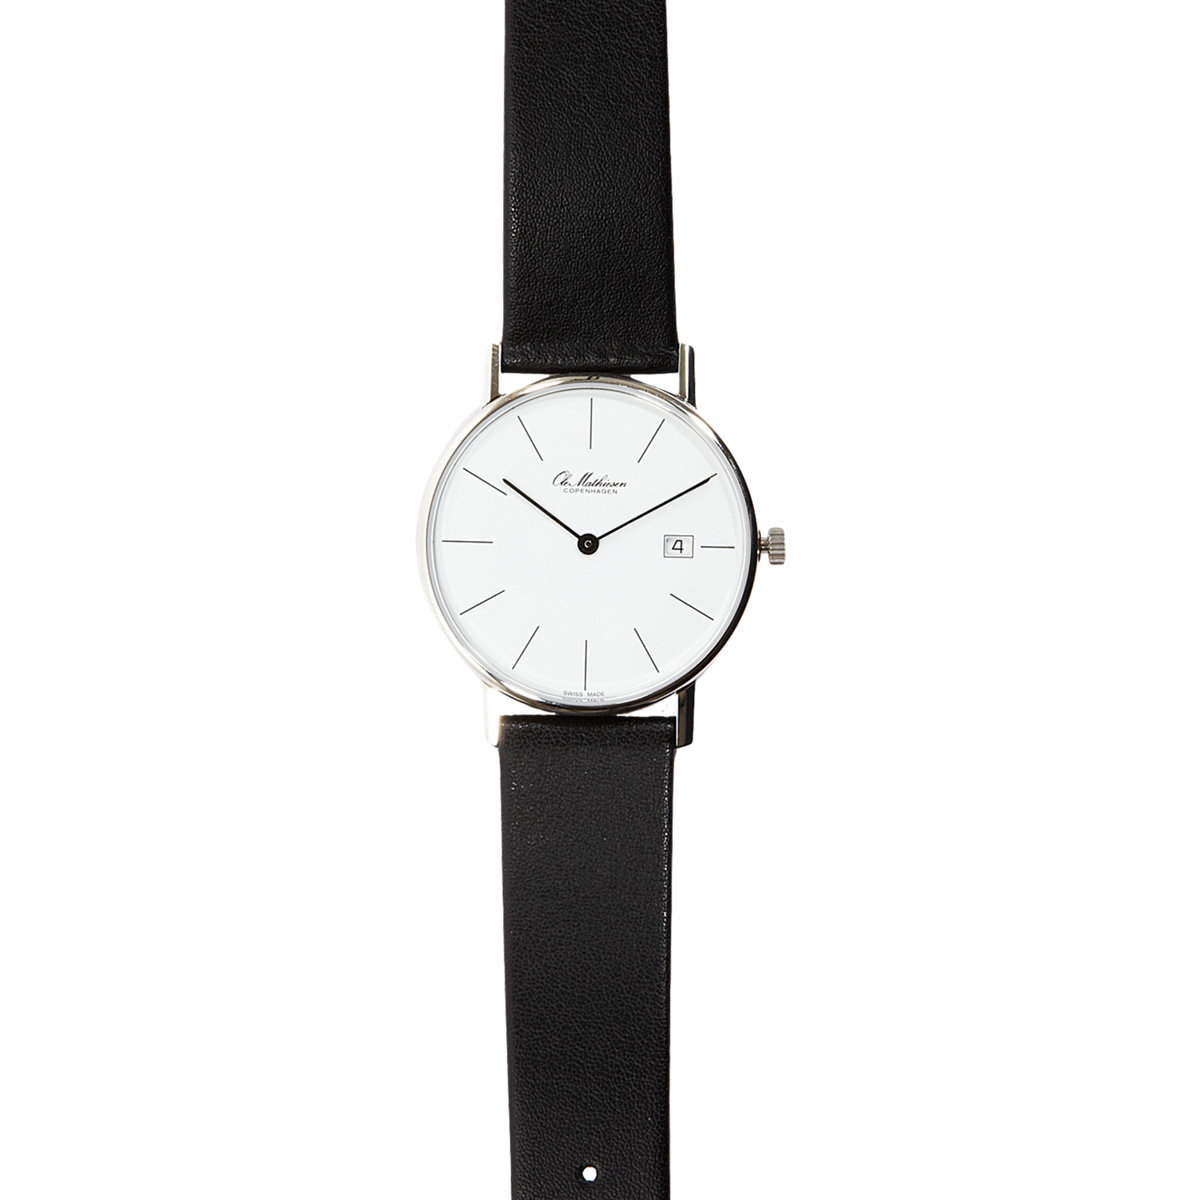 Ole mathiesen Men's Round-face Watch in Black for Men | Lyst